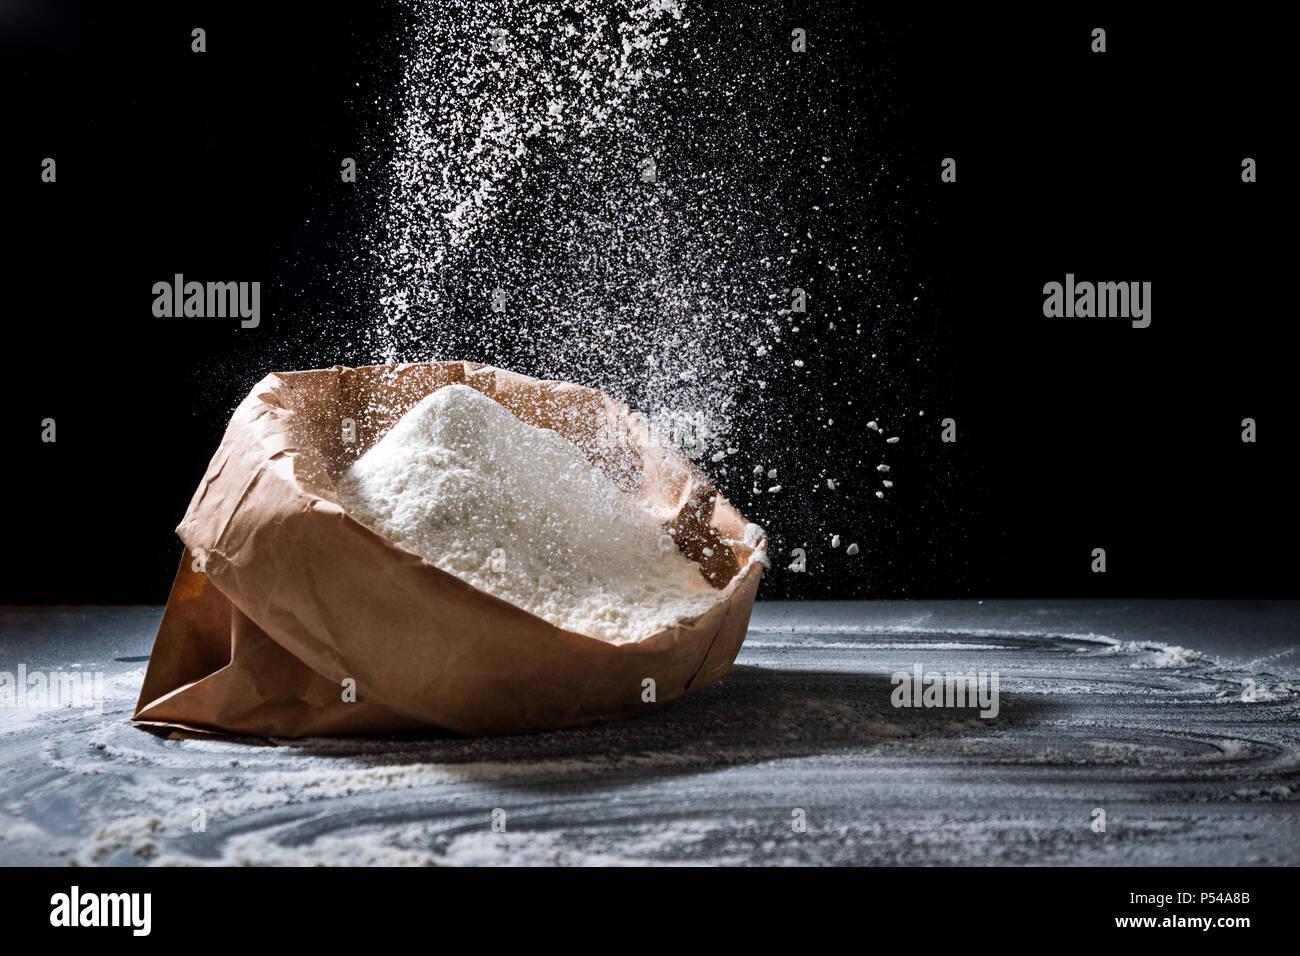 Bag Of Flour Stock Photos Amp Bag Of Flour Stock Images Alamy